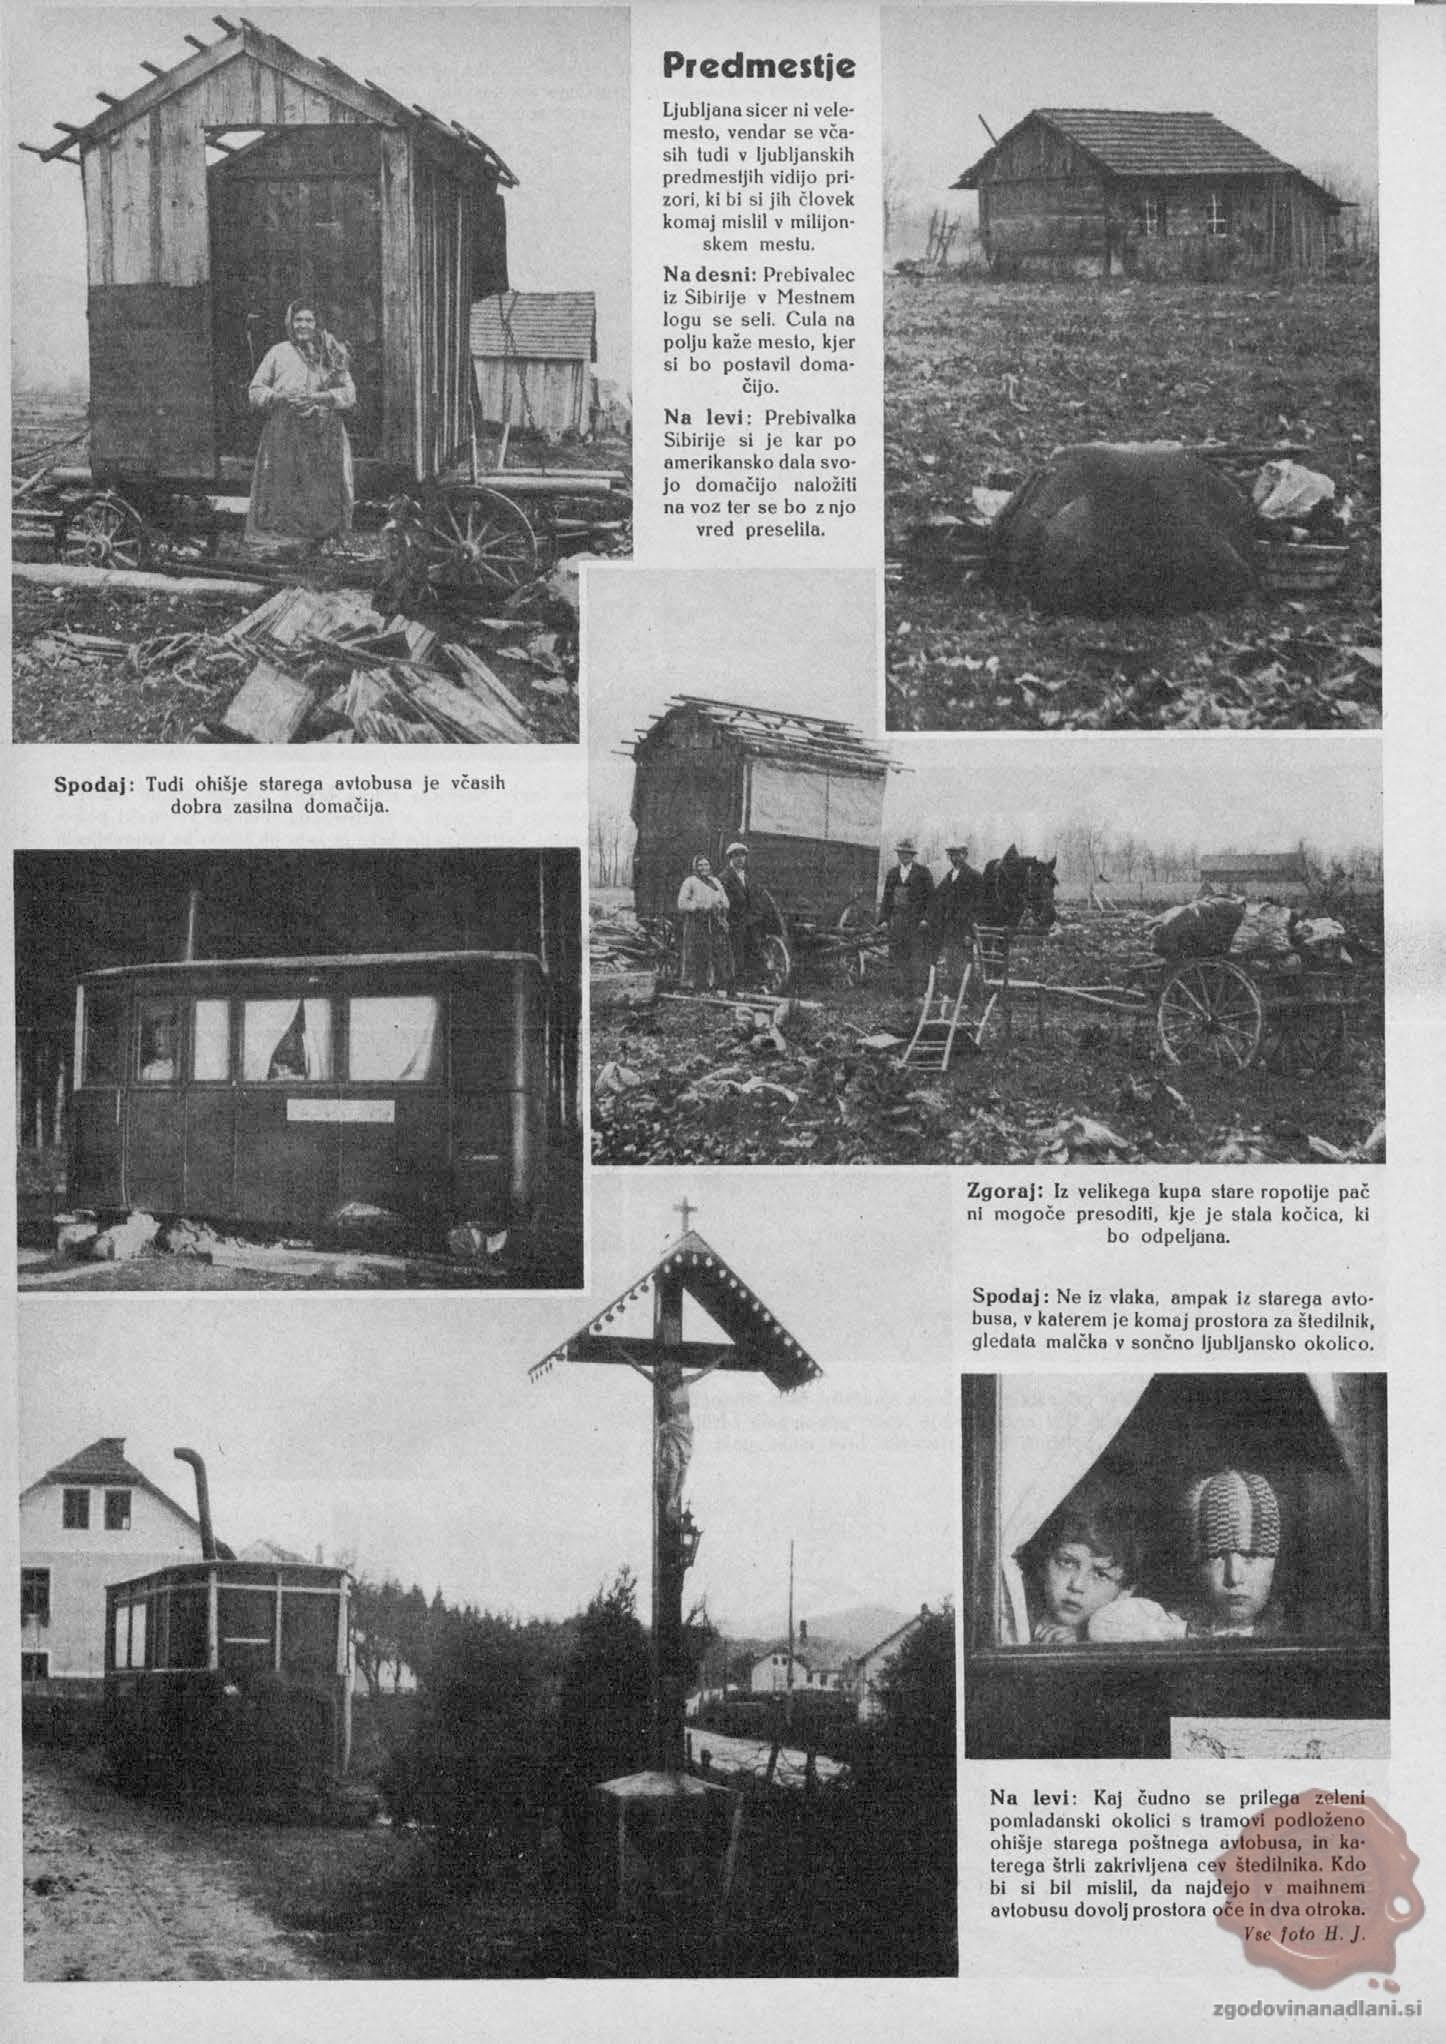 Teden v slikah, št. 11, 1937, str. 4